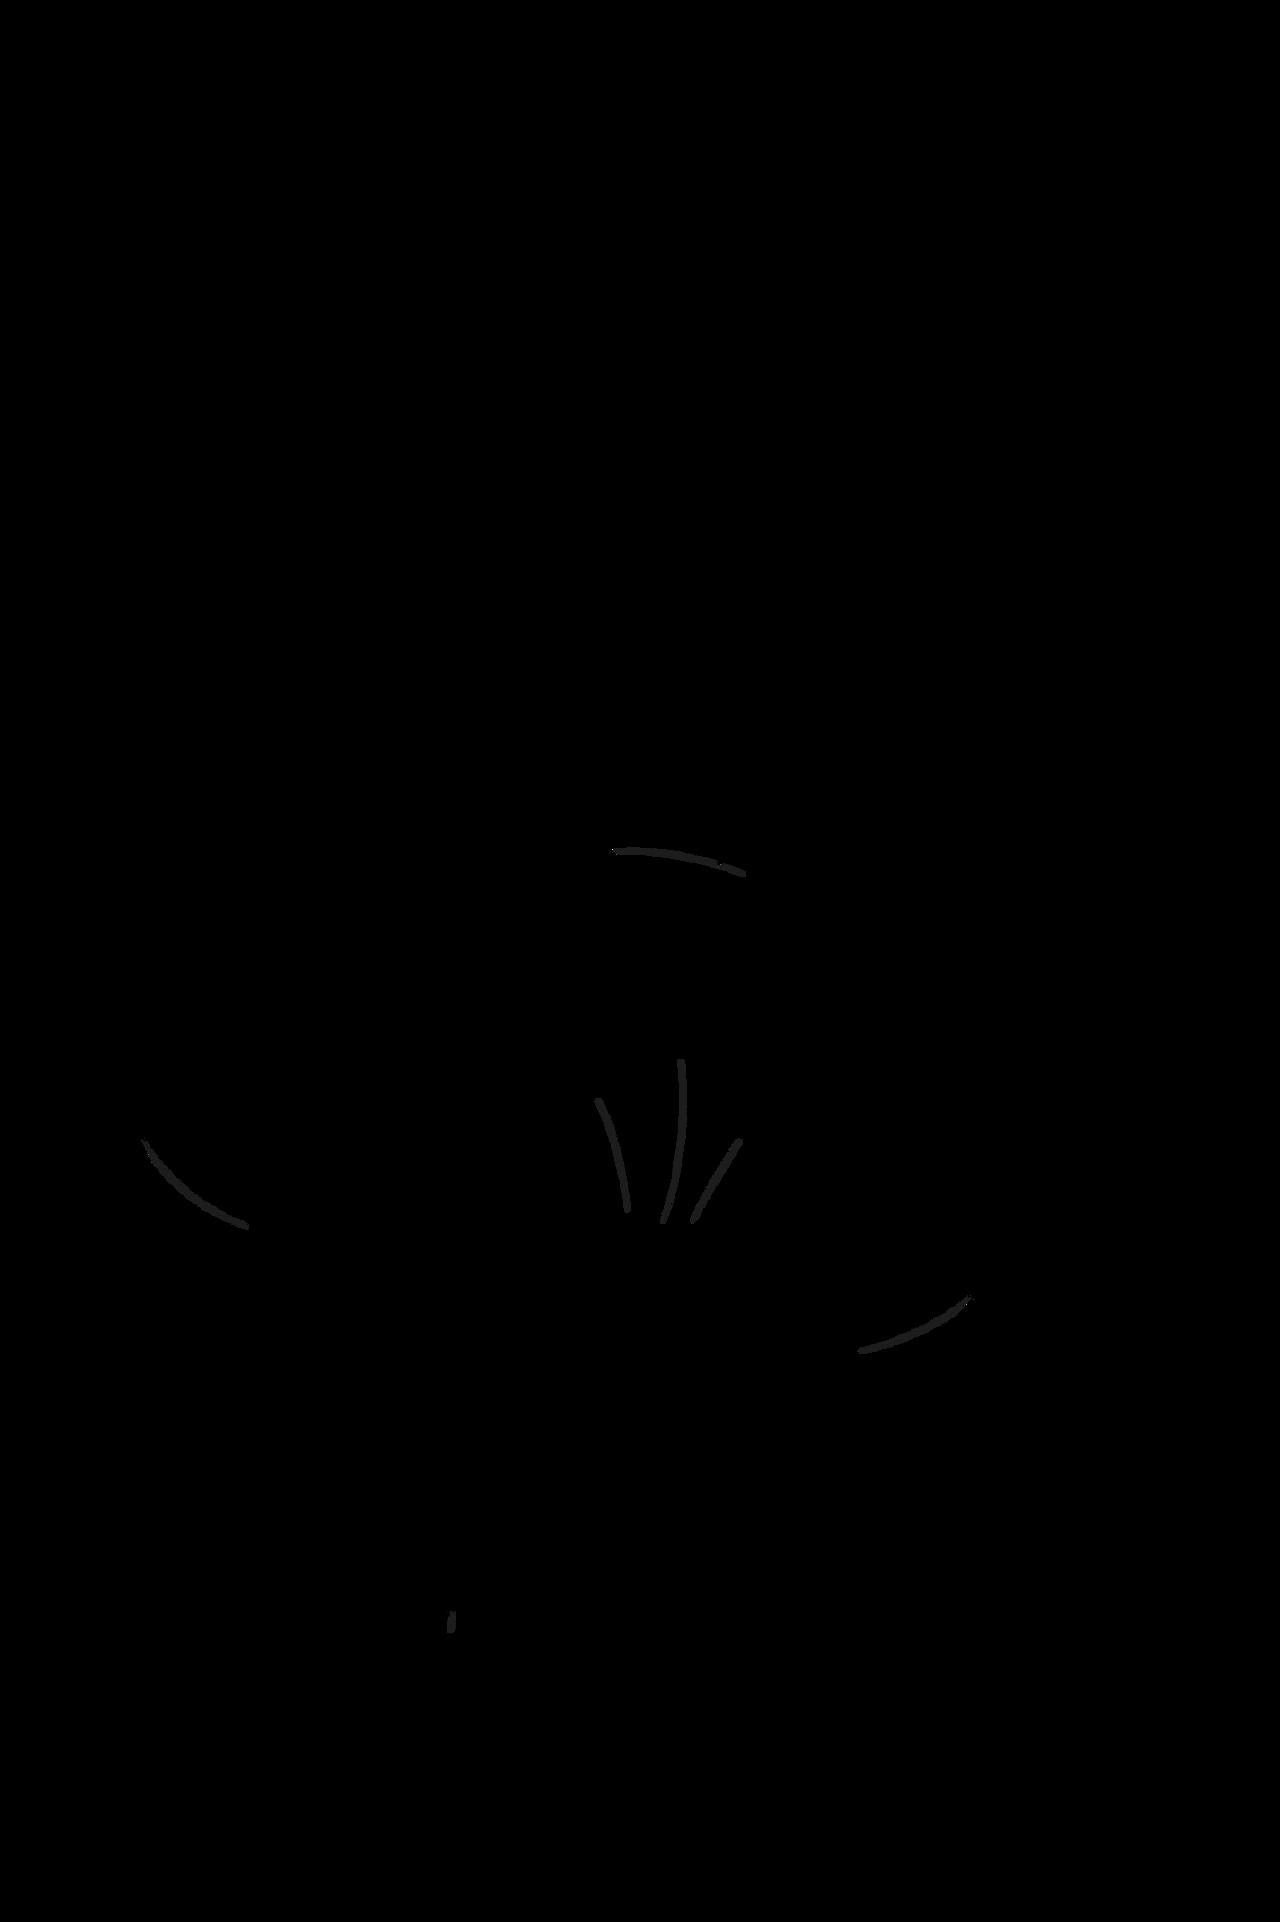 lineart fennekin by dlynk on deviantart